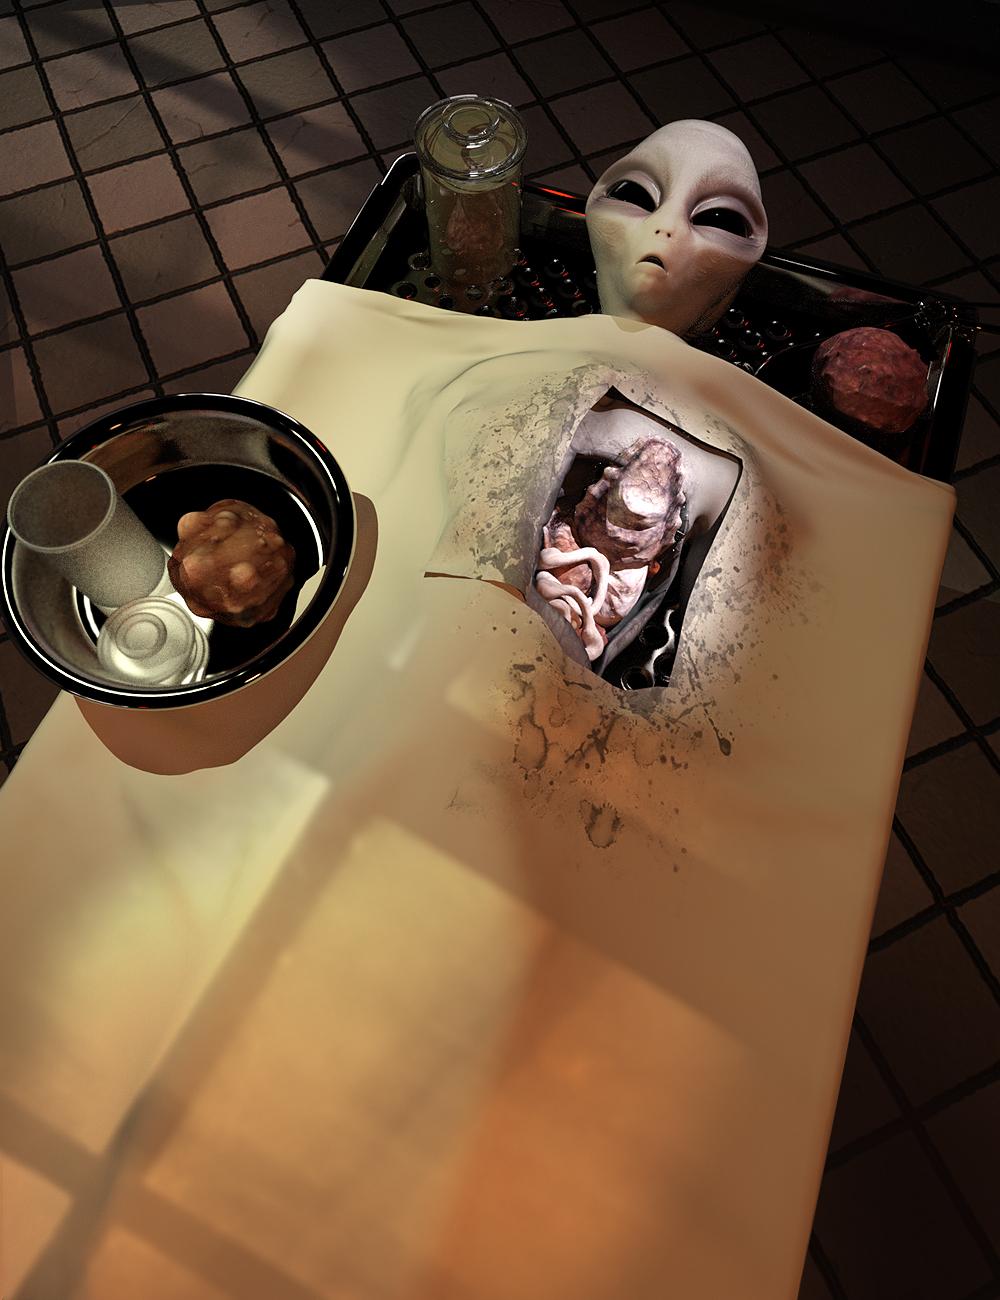 Alien Autopsy by: The AntFarm, 3D Models by Daz 3D